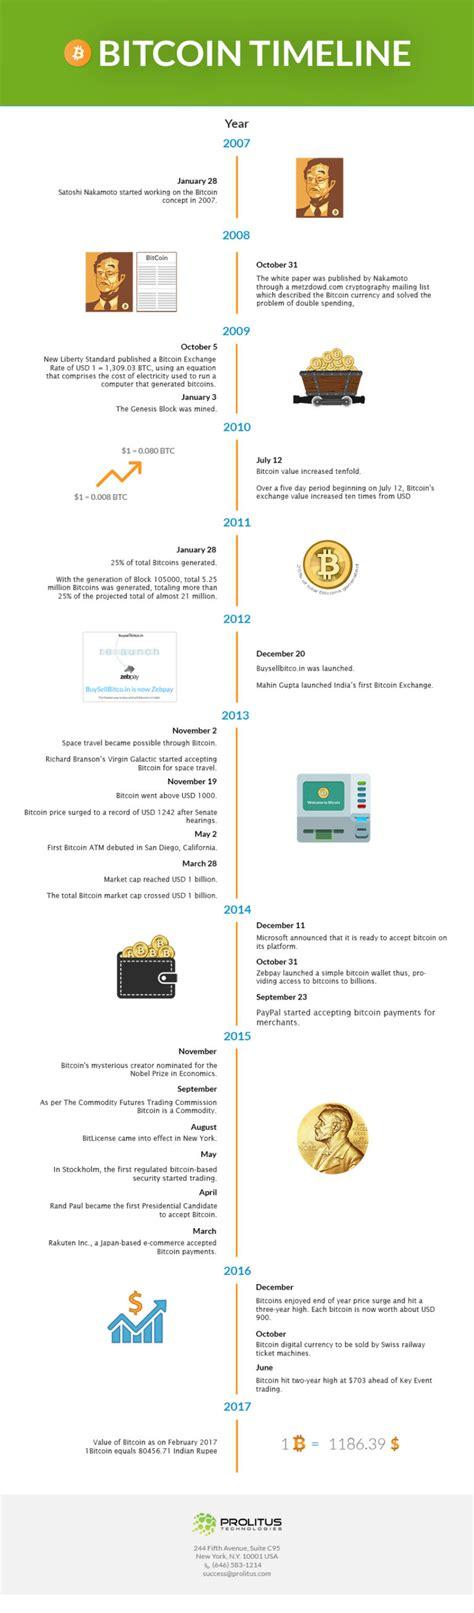 7  for comparison, visa. Where It All Began: The Idea of Blockchain, Originally ...